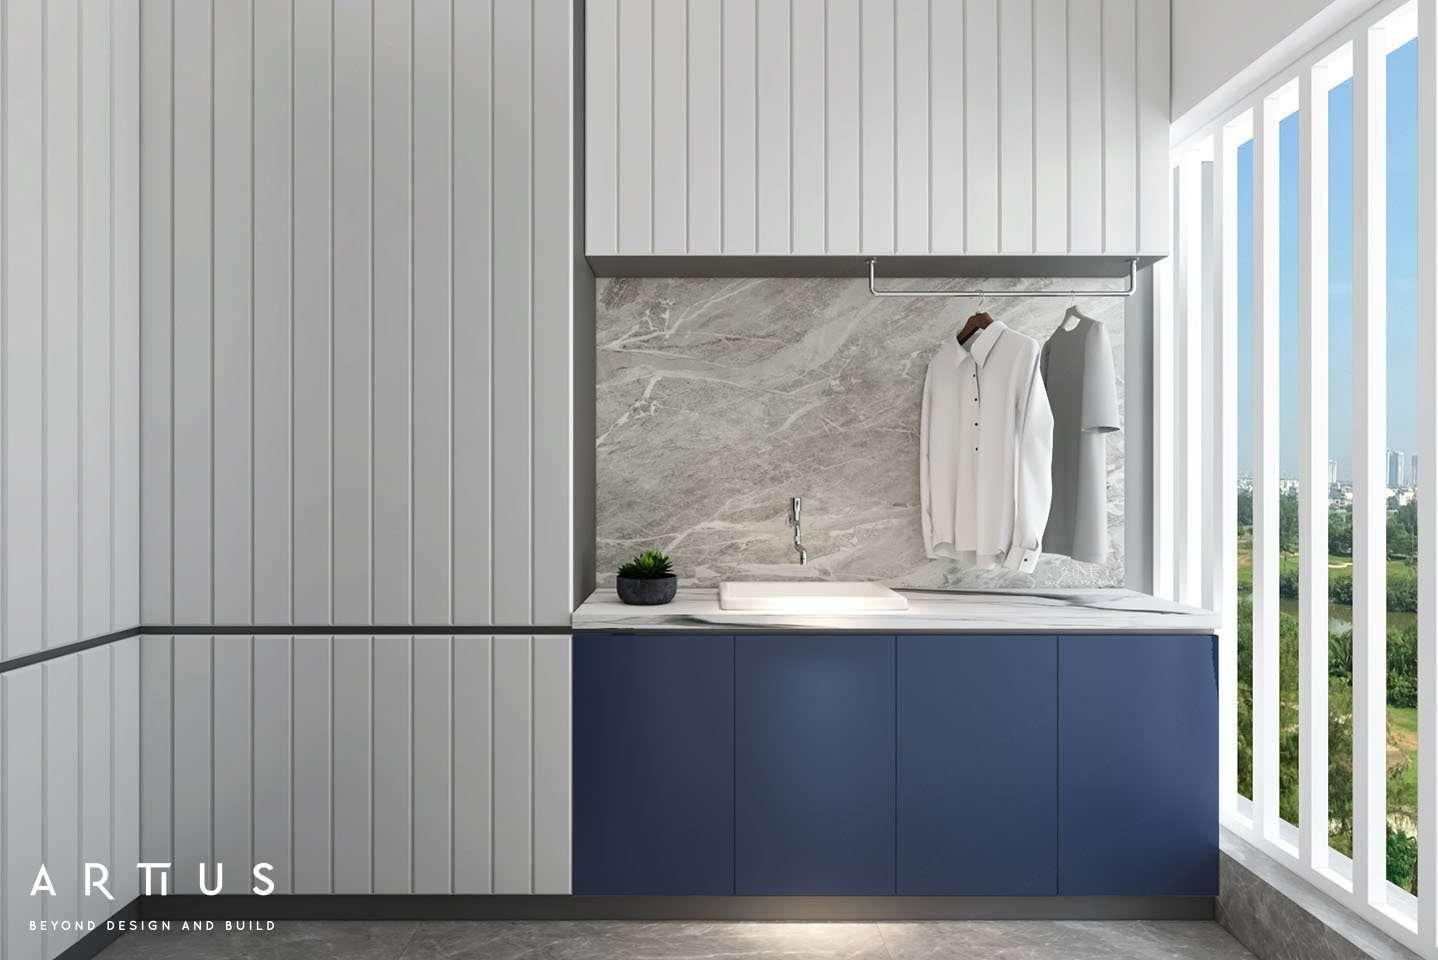 Thiết kế nội thất hiện đại sử dụng màu sắc nổi bật làm điểm nhấn